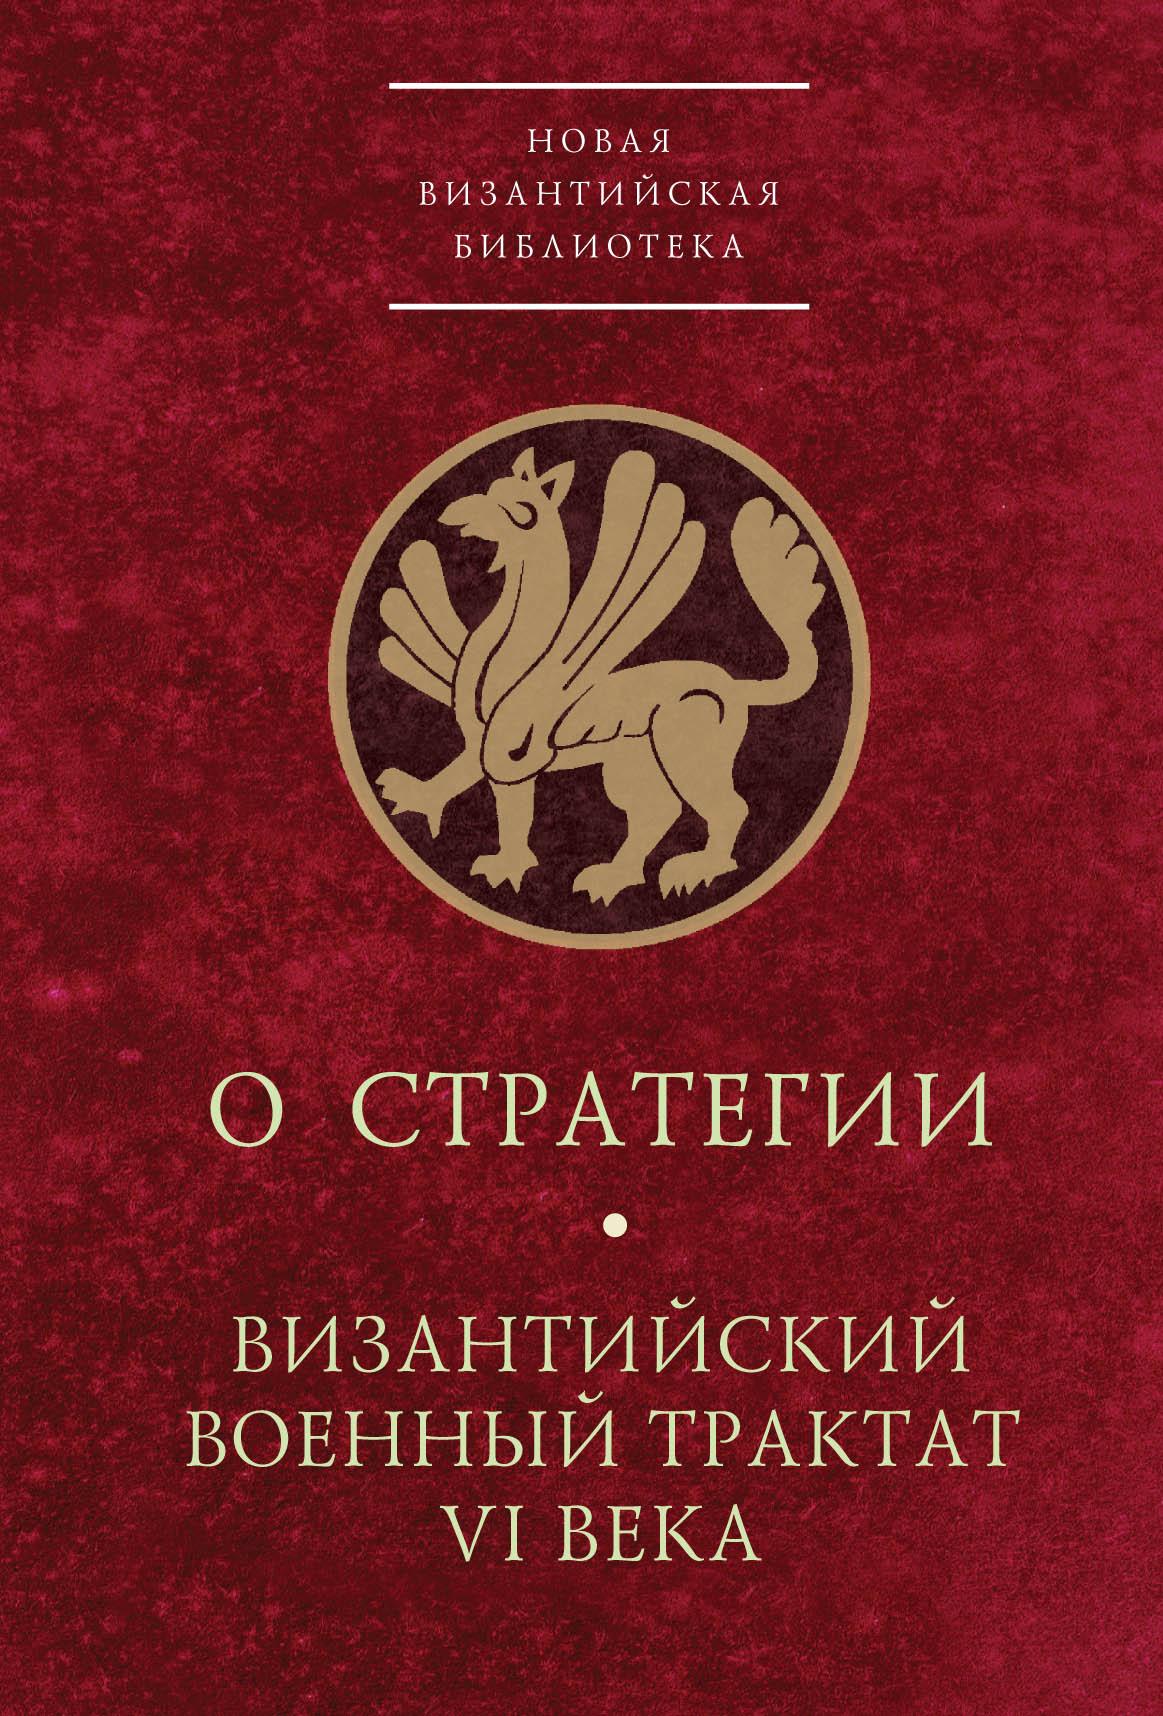 Купить книгу О стратегии. Византийский военный трактат VI века, автора